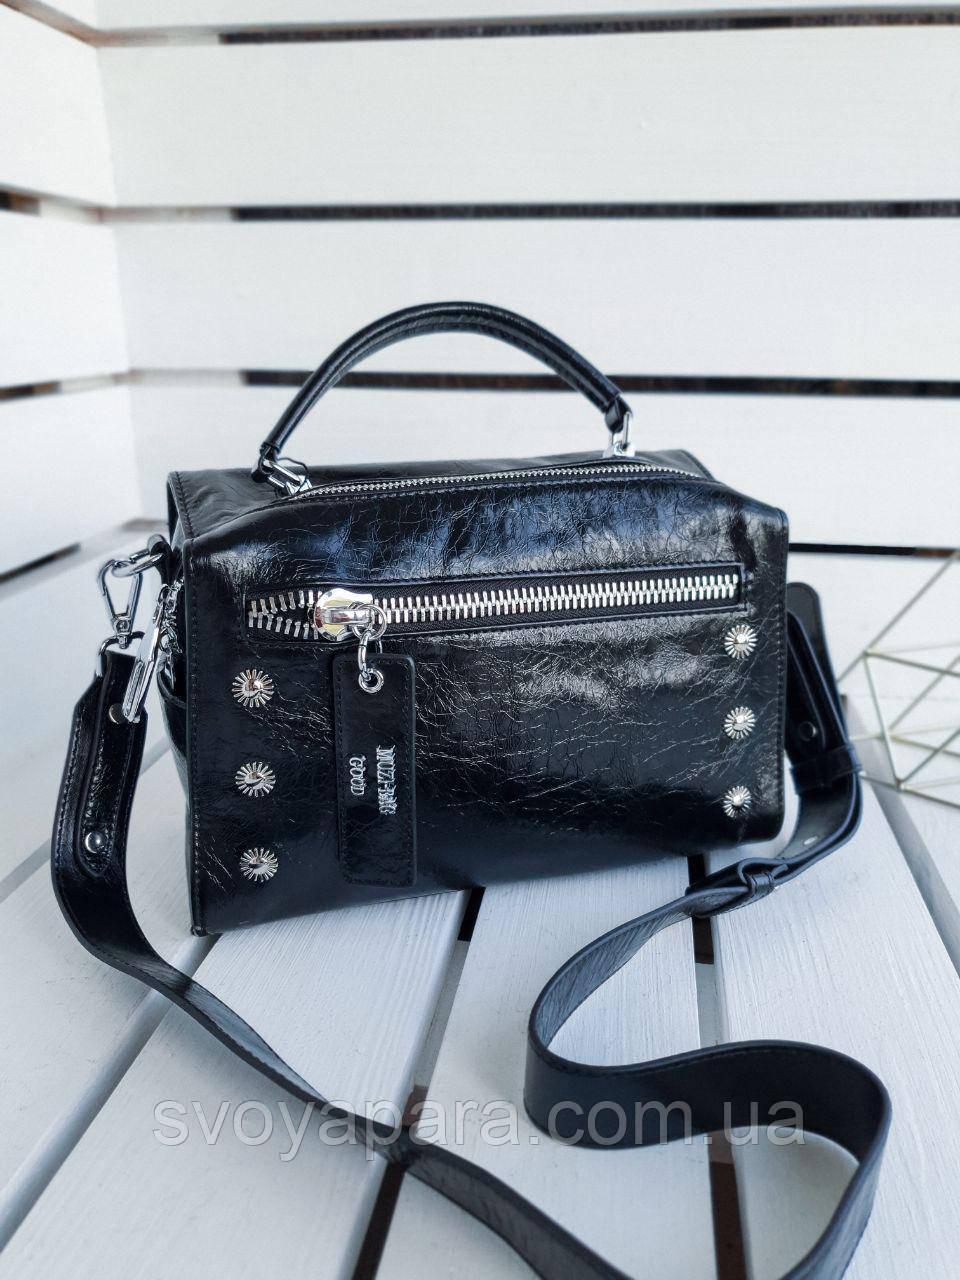 Кожаная женская сумка размером 26х18х12 см Черная (01256)